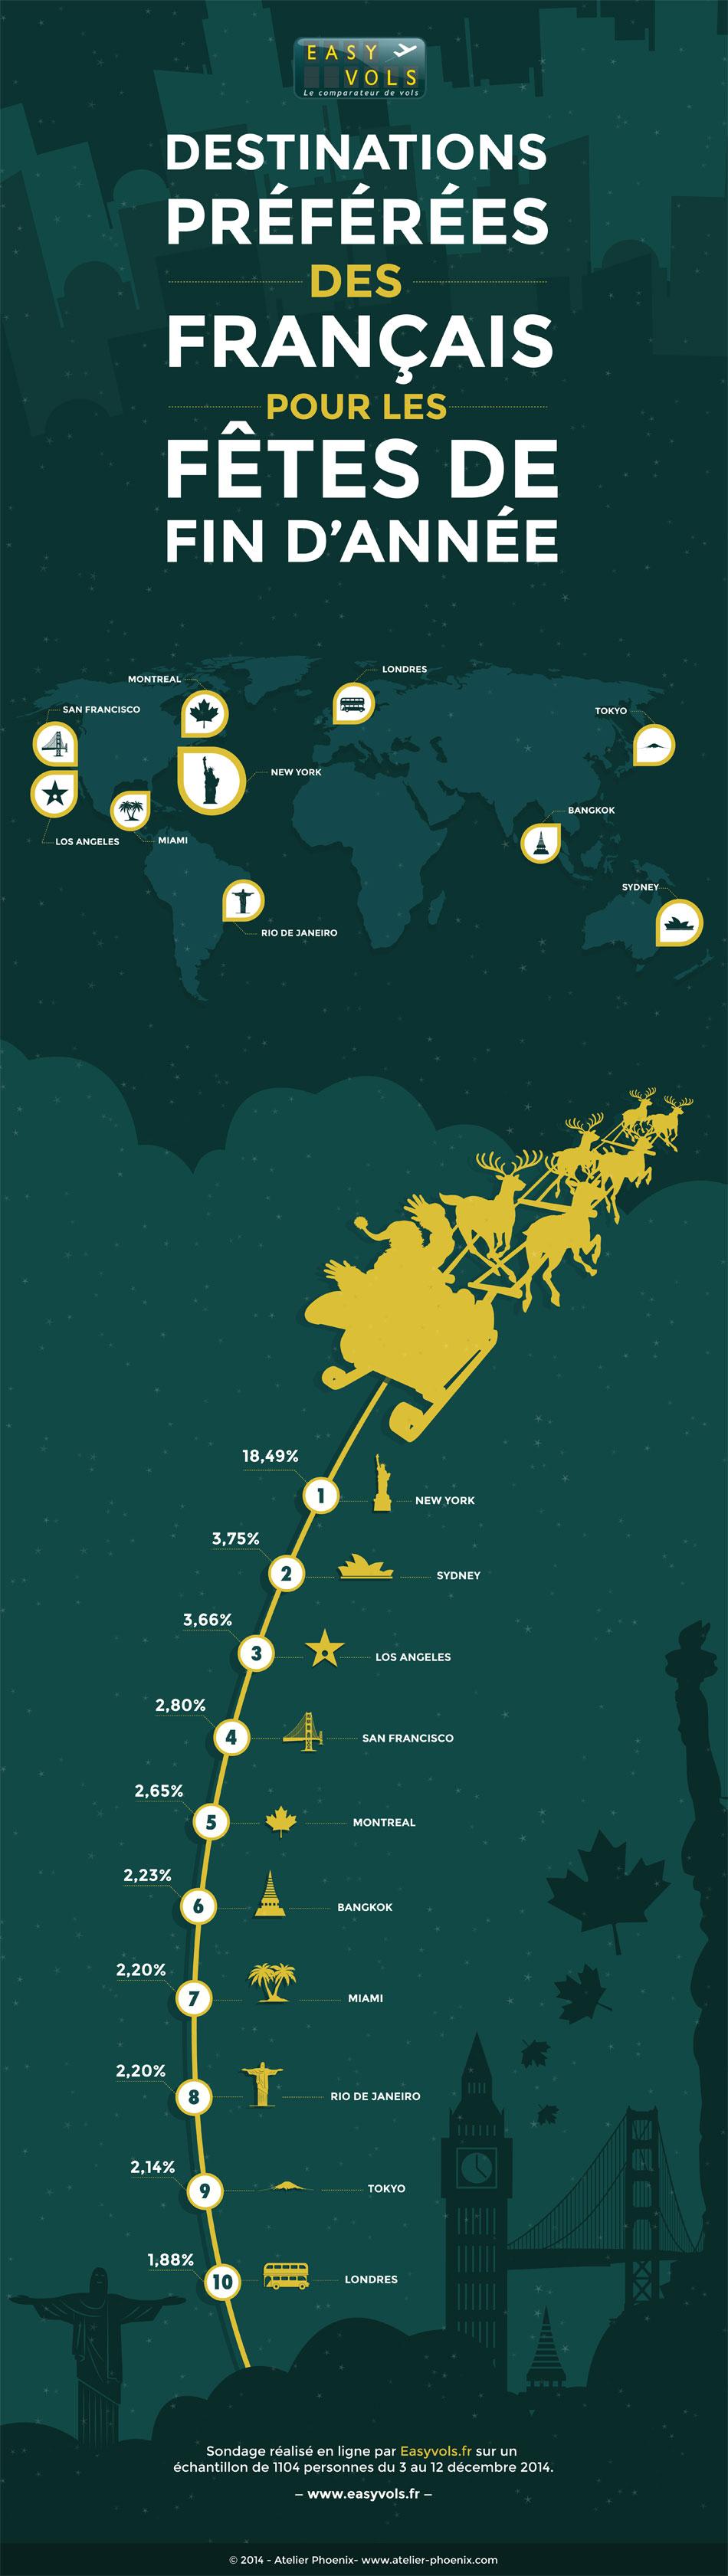 Infographie Easyvols : Les voyages préférés des français à Noël